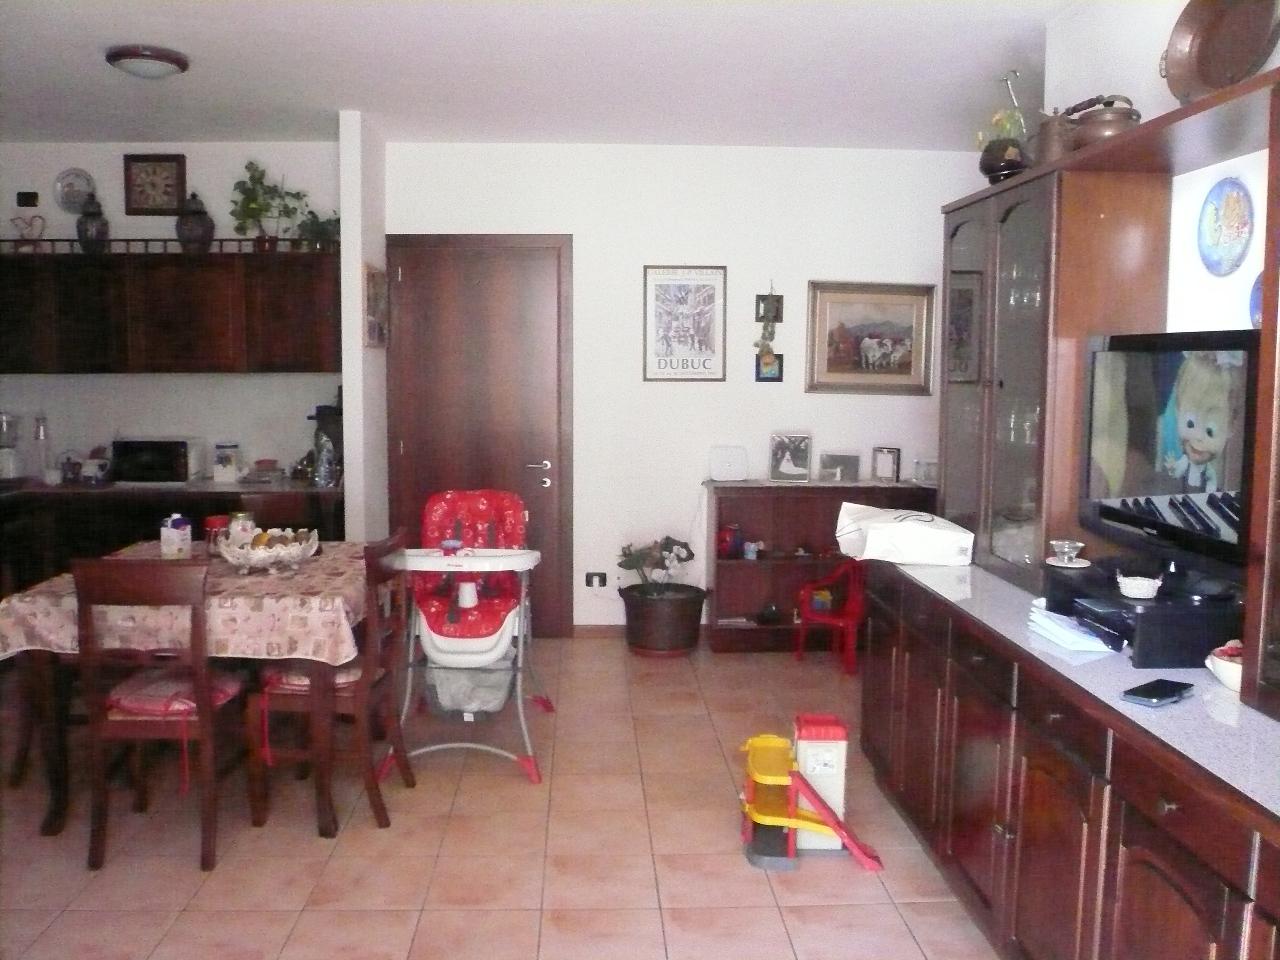 Appartamento in vendita a San Biagio di Callalta, 4 locali, zona Località: Centro, prezzo € 125.000   Cambio Casa.it